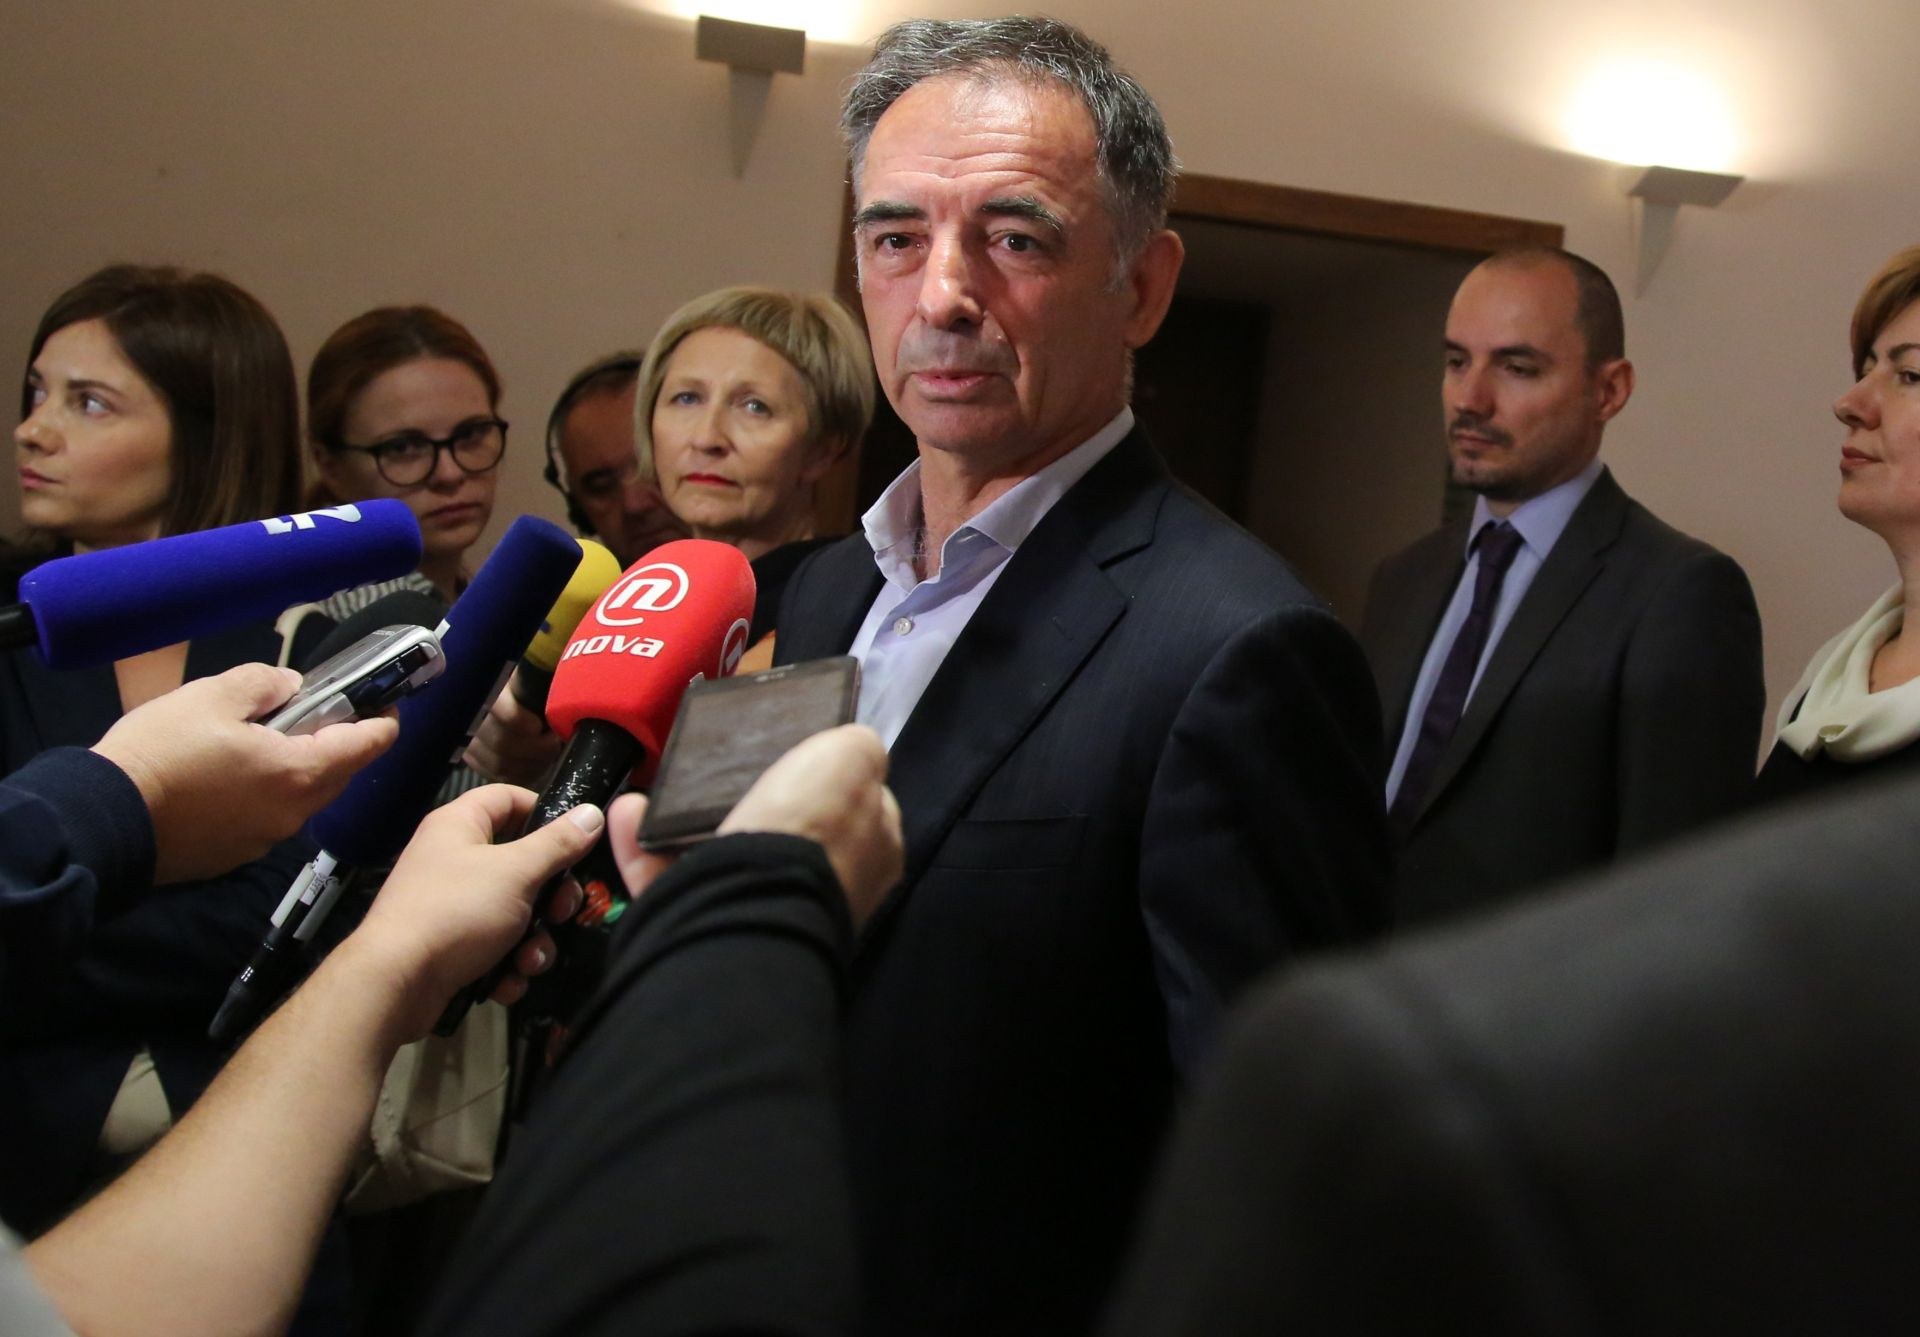 IZVJEŠĆE POKAZALO: SDSS izbornu kampanju zaključio s manjkom od 88 tisuća kuna